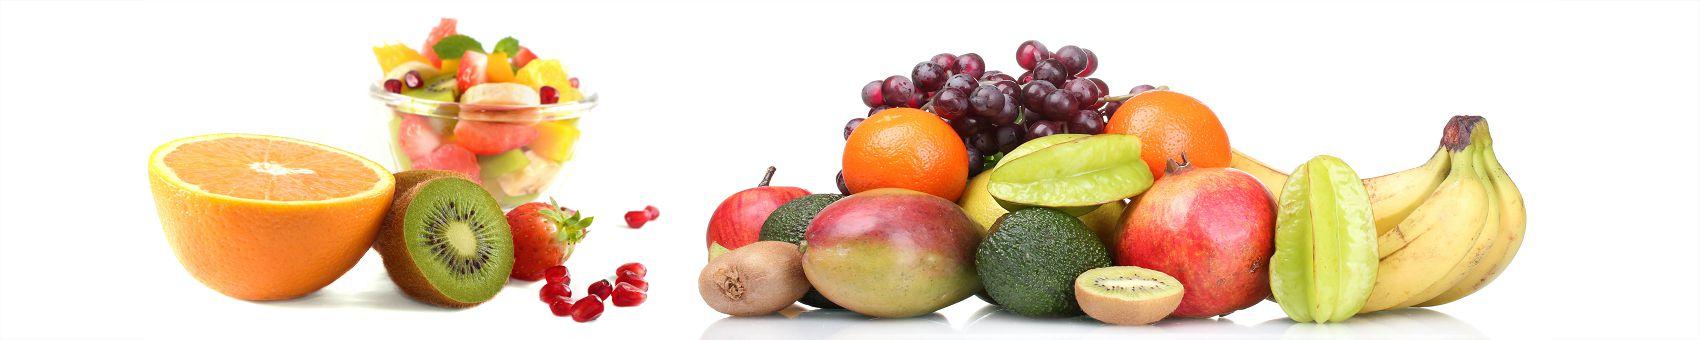 Экзотические фрукты на белом фоне